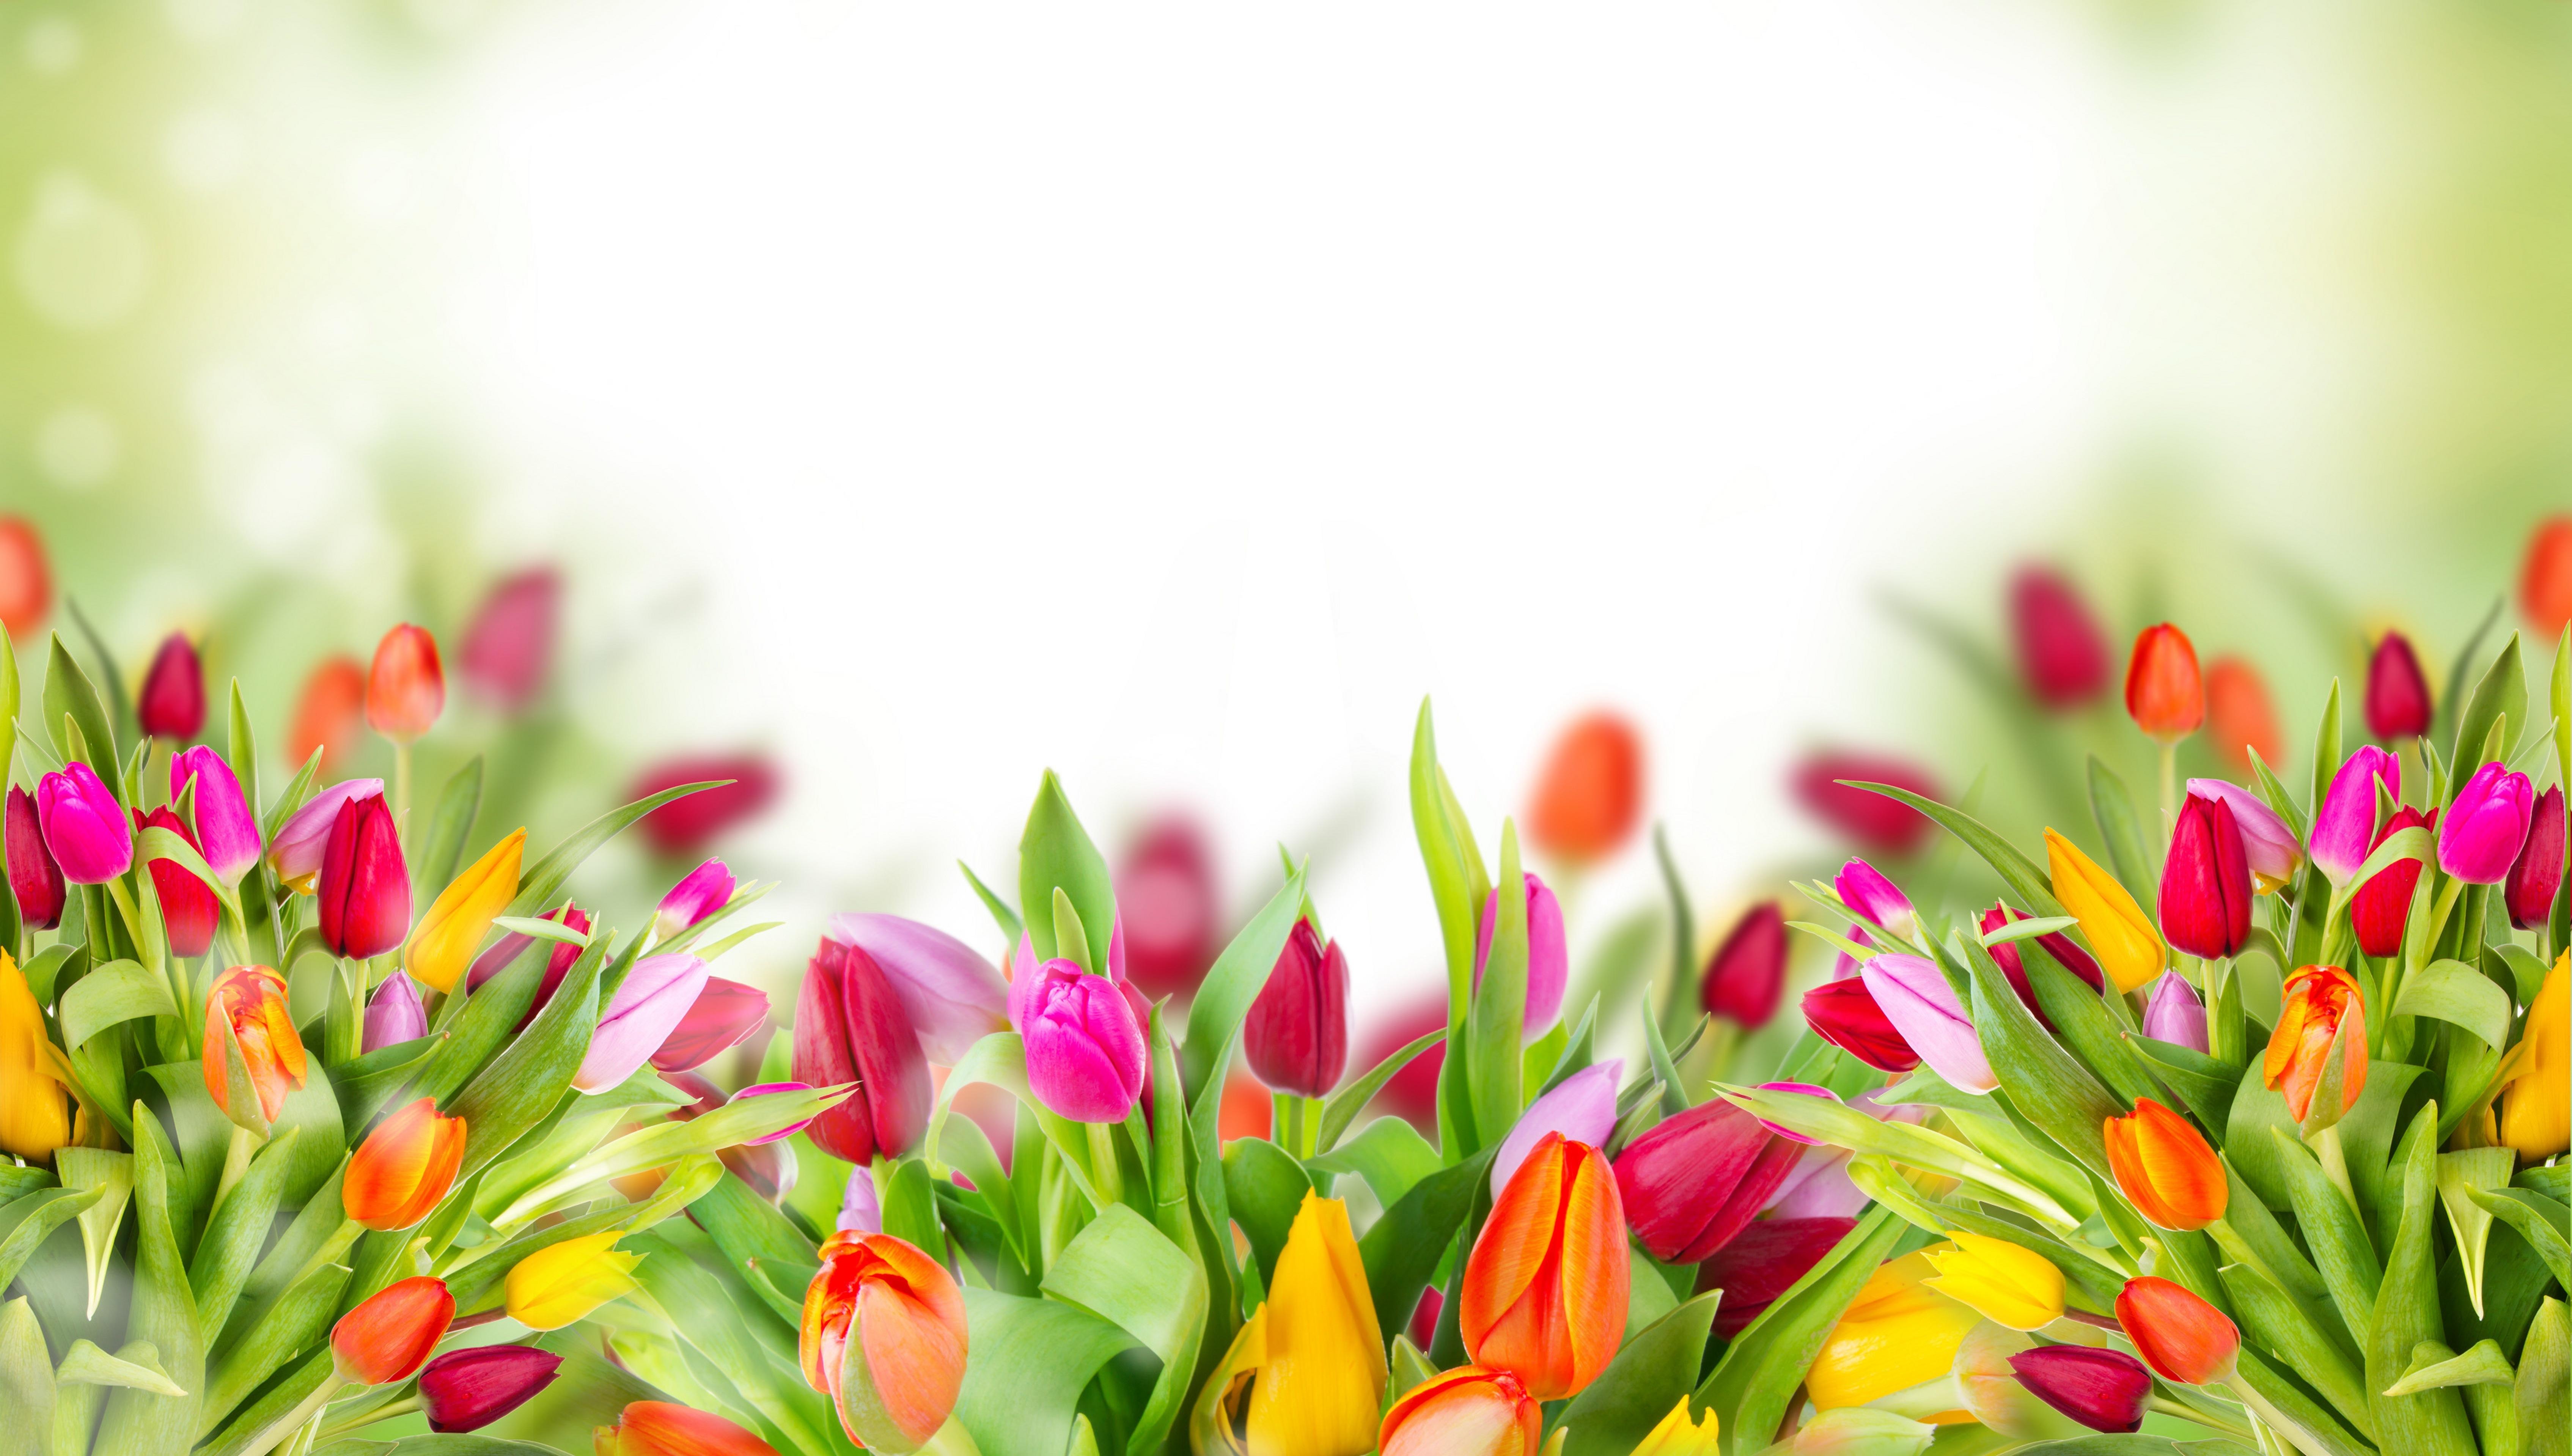 colorful tulips 4k 1606508938 - Colorful Tulips 4k - Colorful Tulips 4k wallpapers